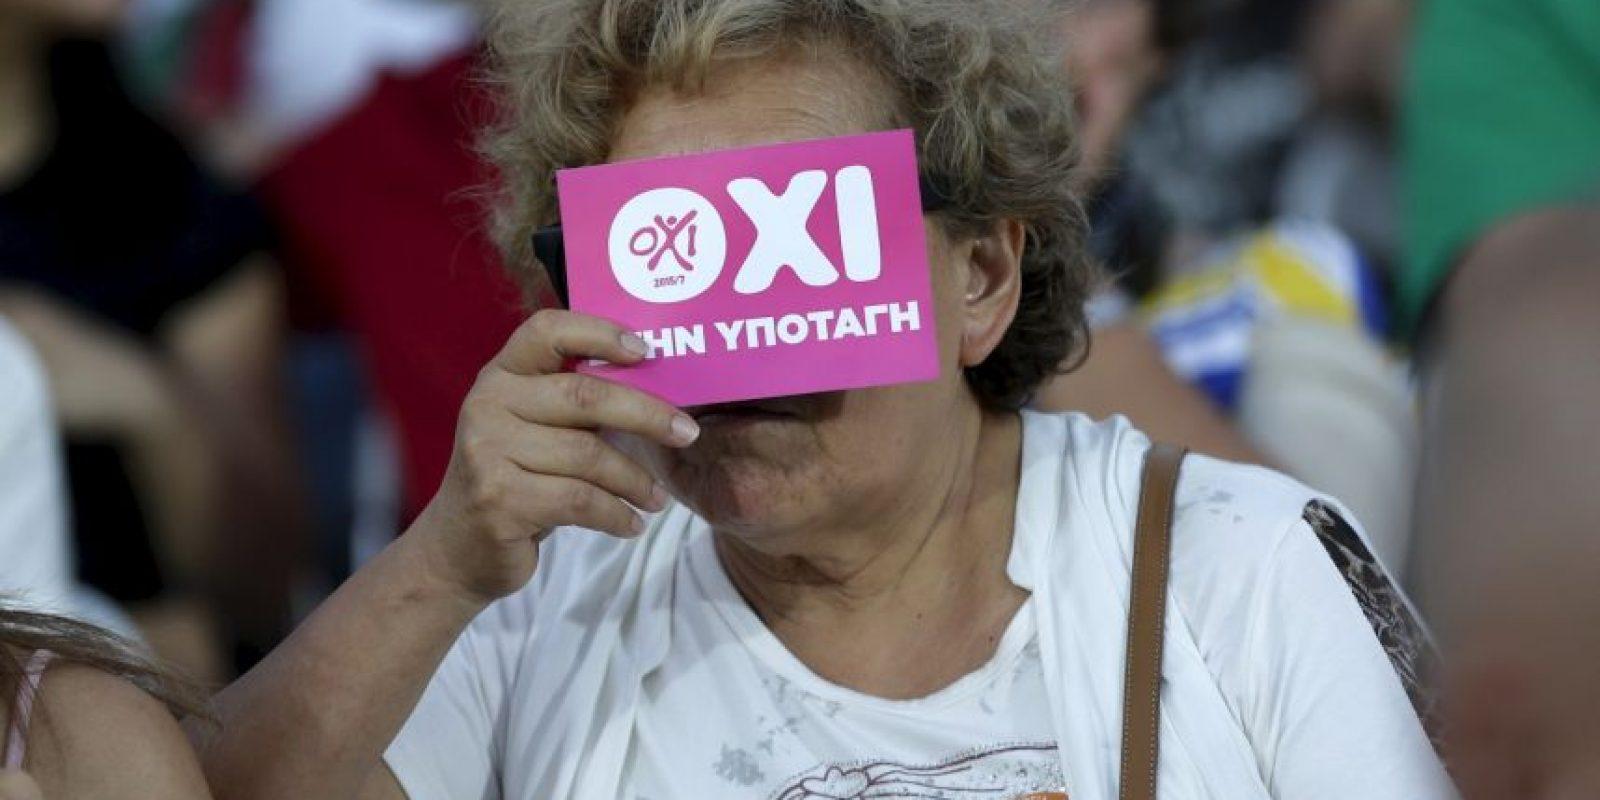 Este referendúm fue para decidir acerca de la propiedad dada por sus acreedores europeos. Foto:AP